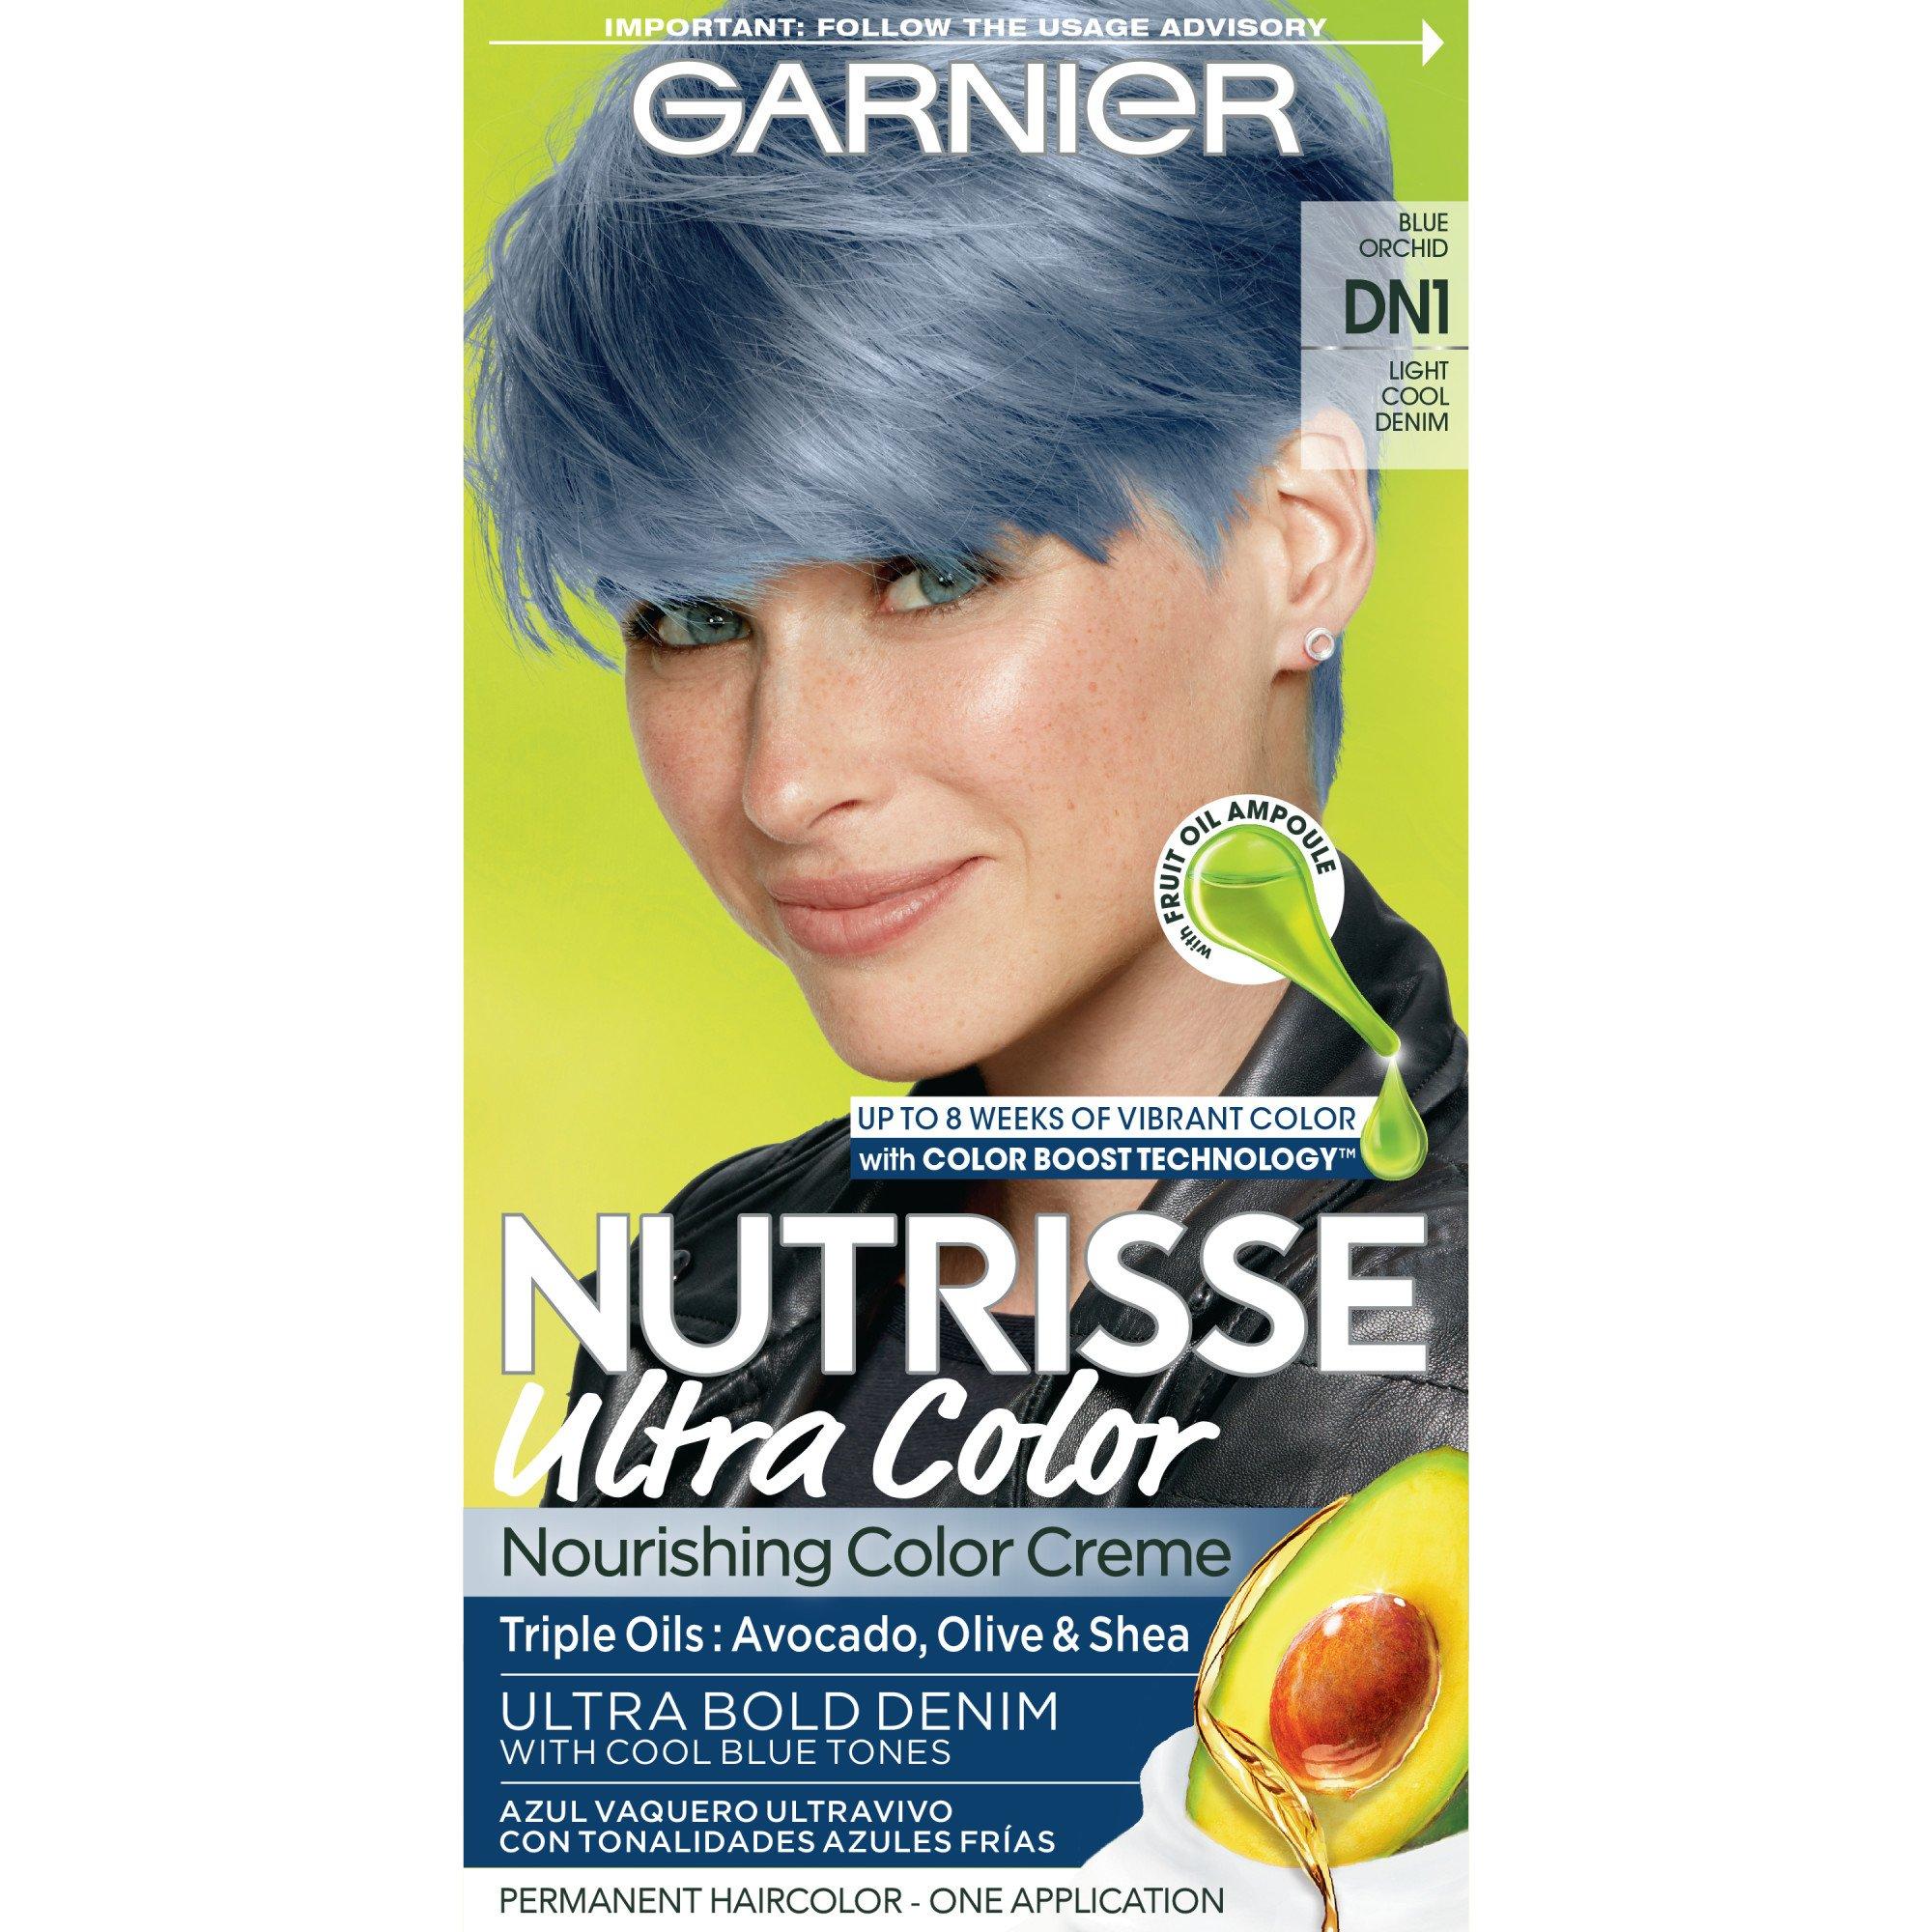 Garnier Nutrisse Nourishing Color Creme Dn1 Light Cool Denim Shop